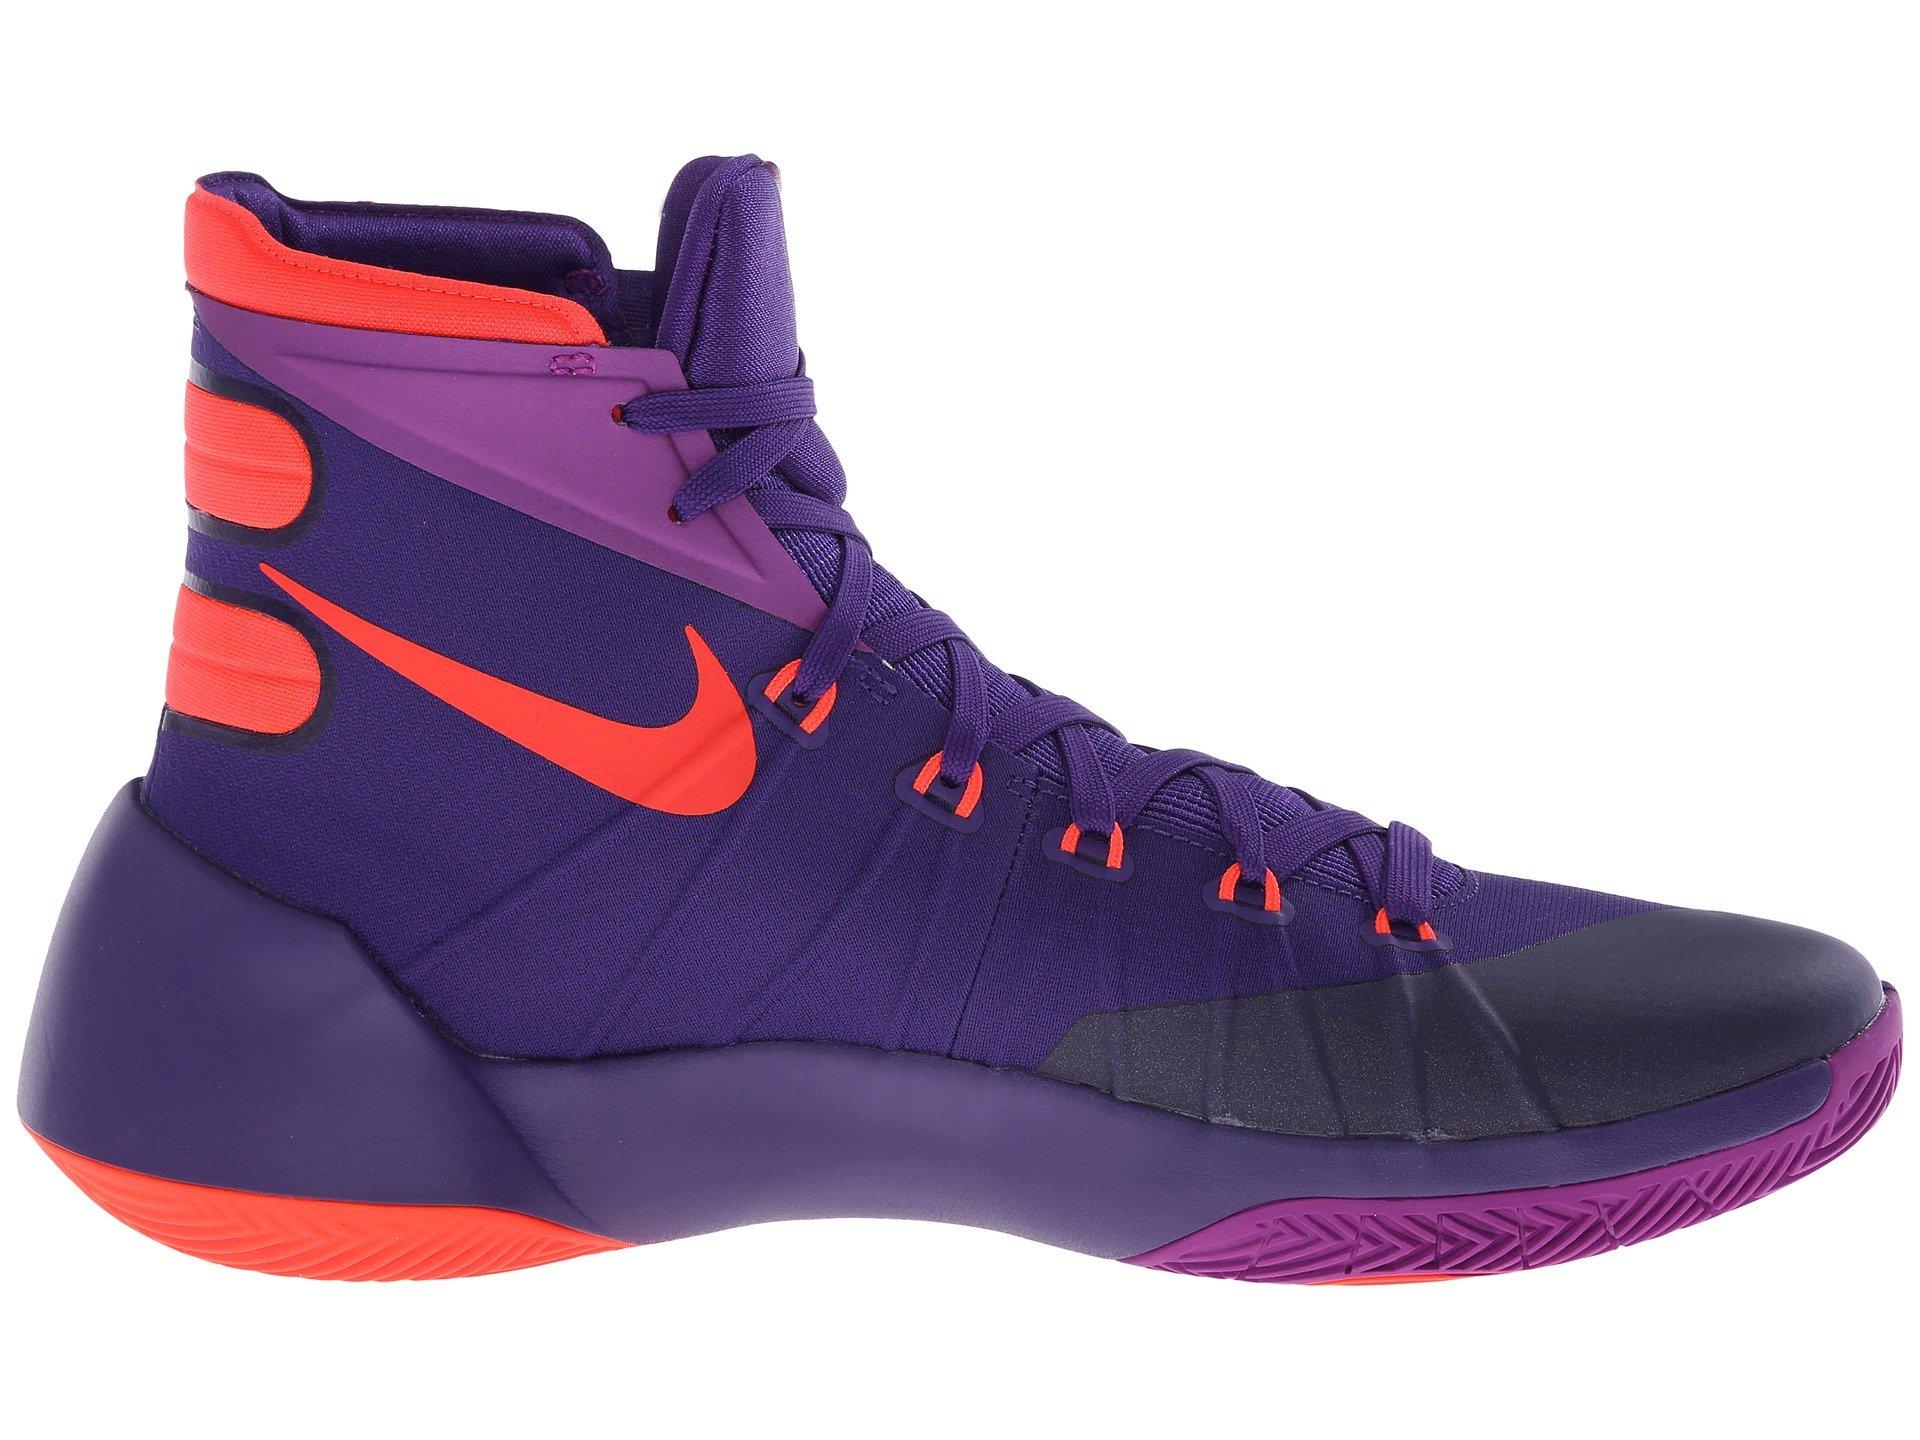 7942fab8ac6f Lyst - Nike Hyperdunk 2015 in Purple for Men